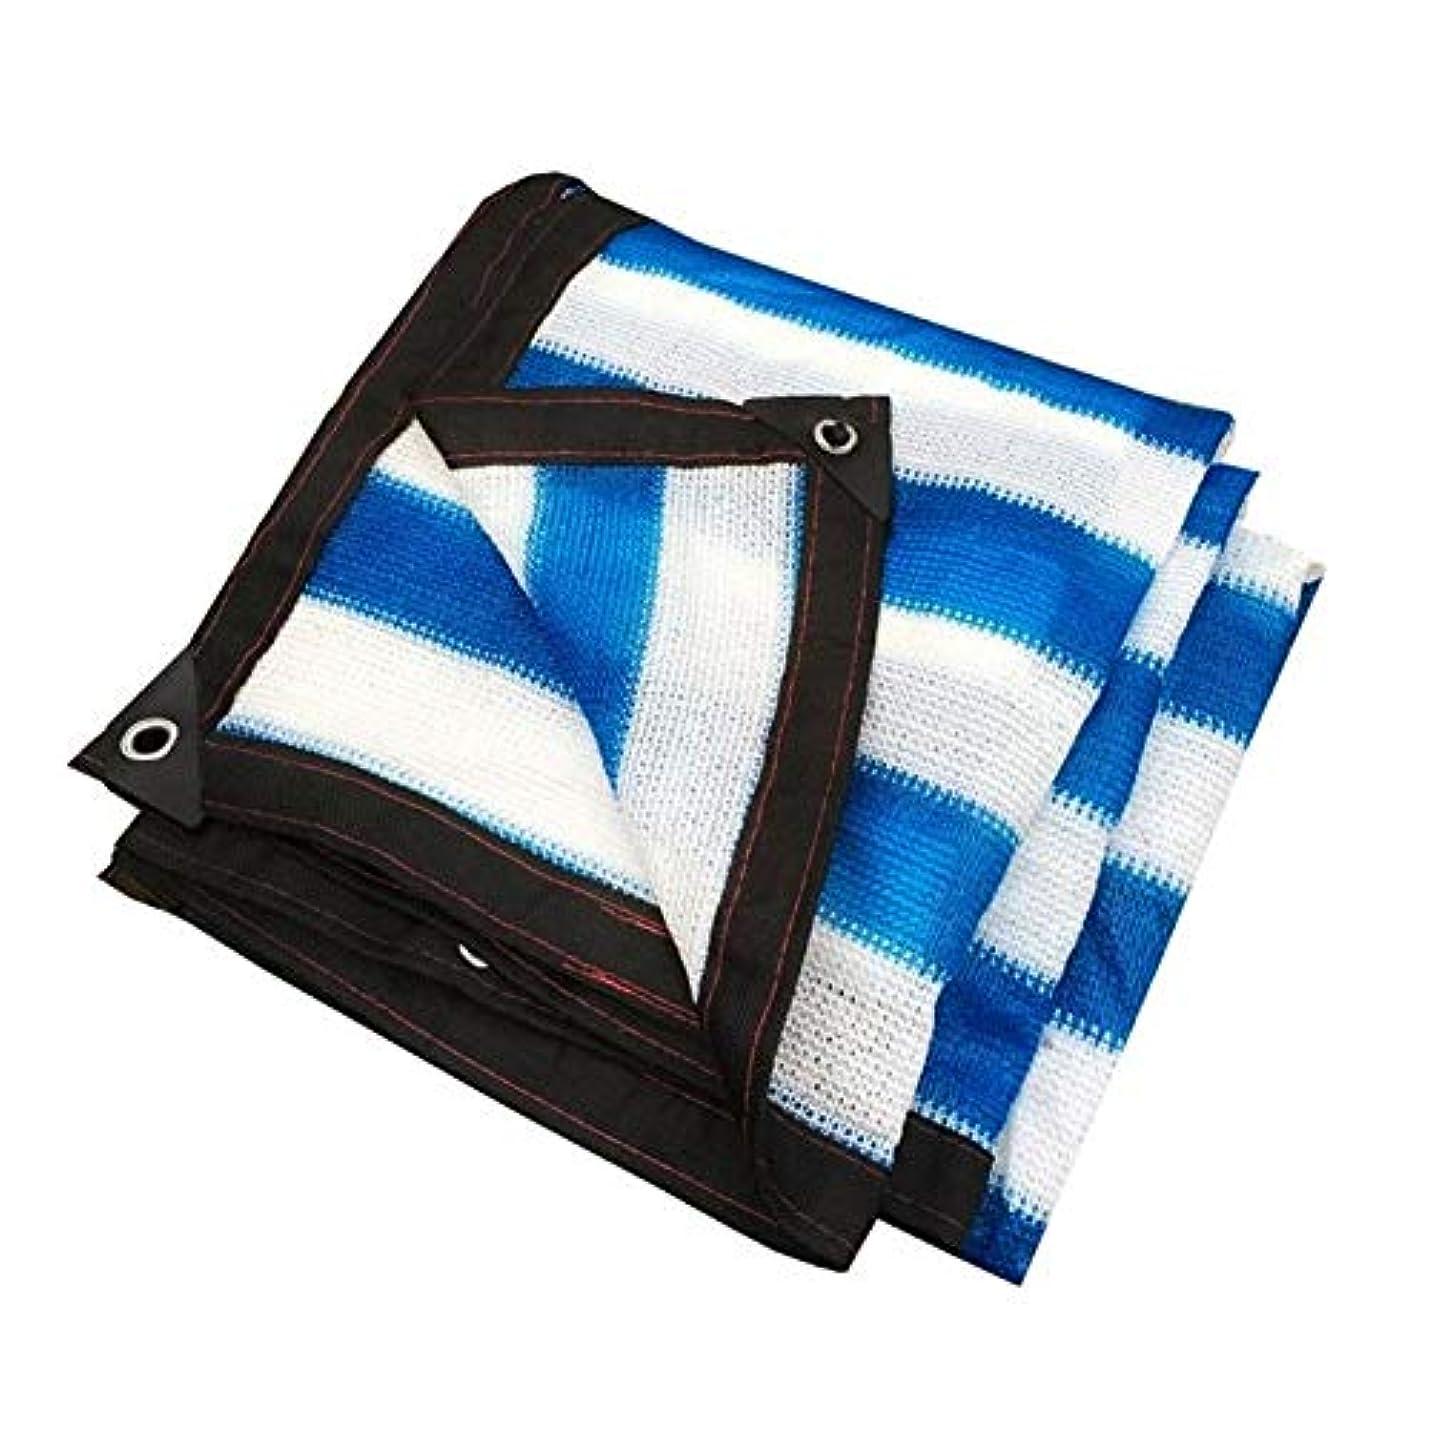 効能あるブラインド値ZX タープ シェードネッティング のUVプロテクションを持つ日焼け止めシェード布apedエッジグロメット、 庭の花植物、温室、納屋の小屋(ブルーホワイト) テント アウトドア (Color : Blue, Size : 4X6M)